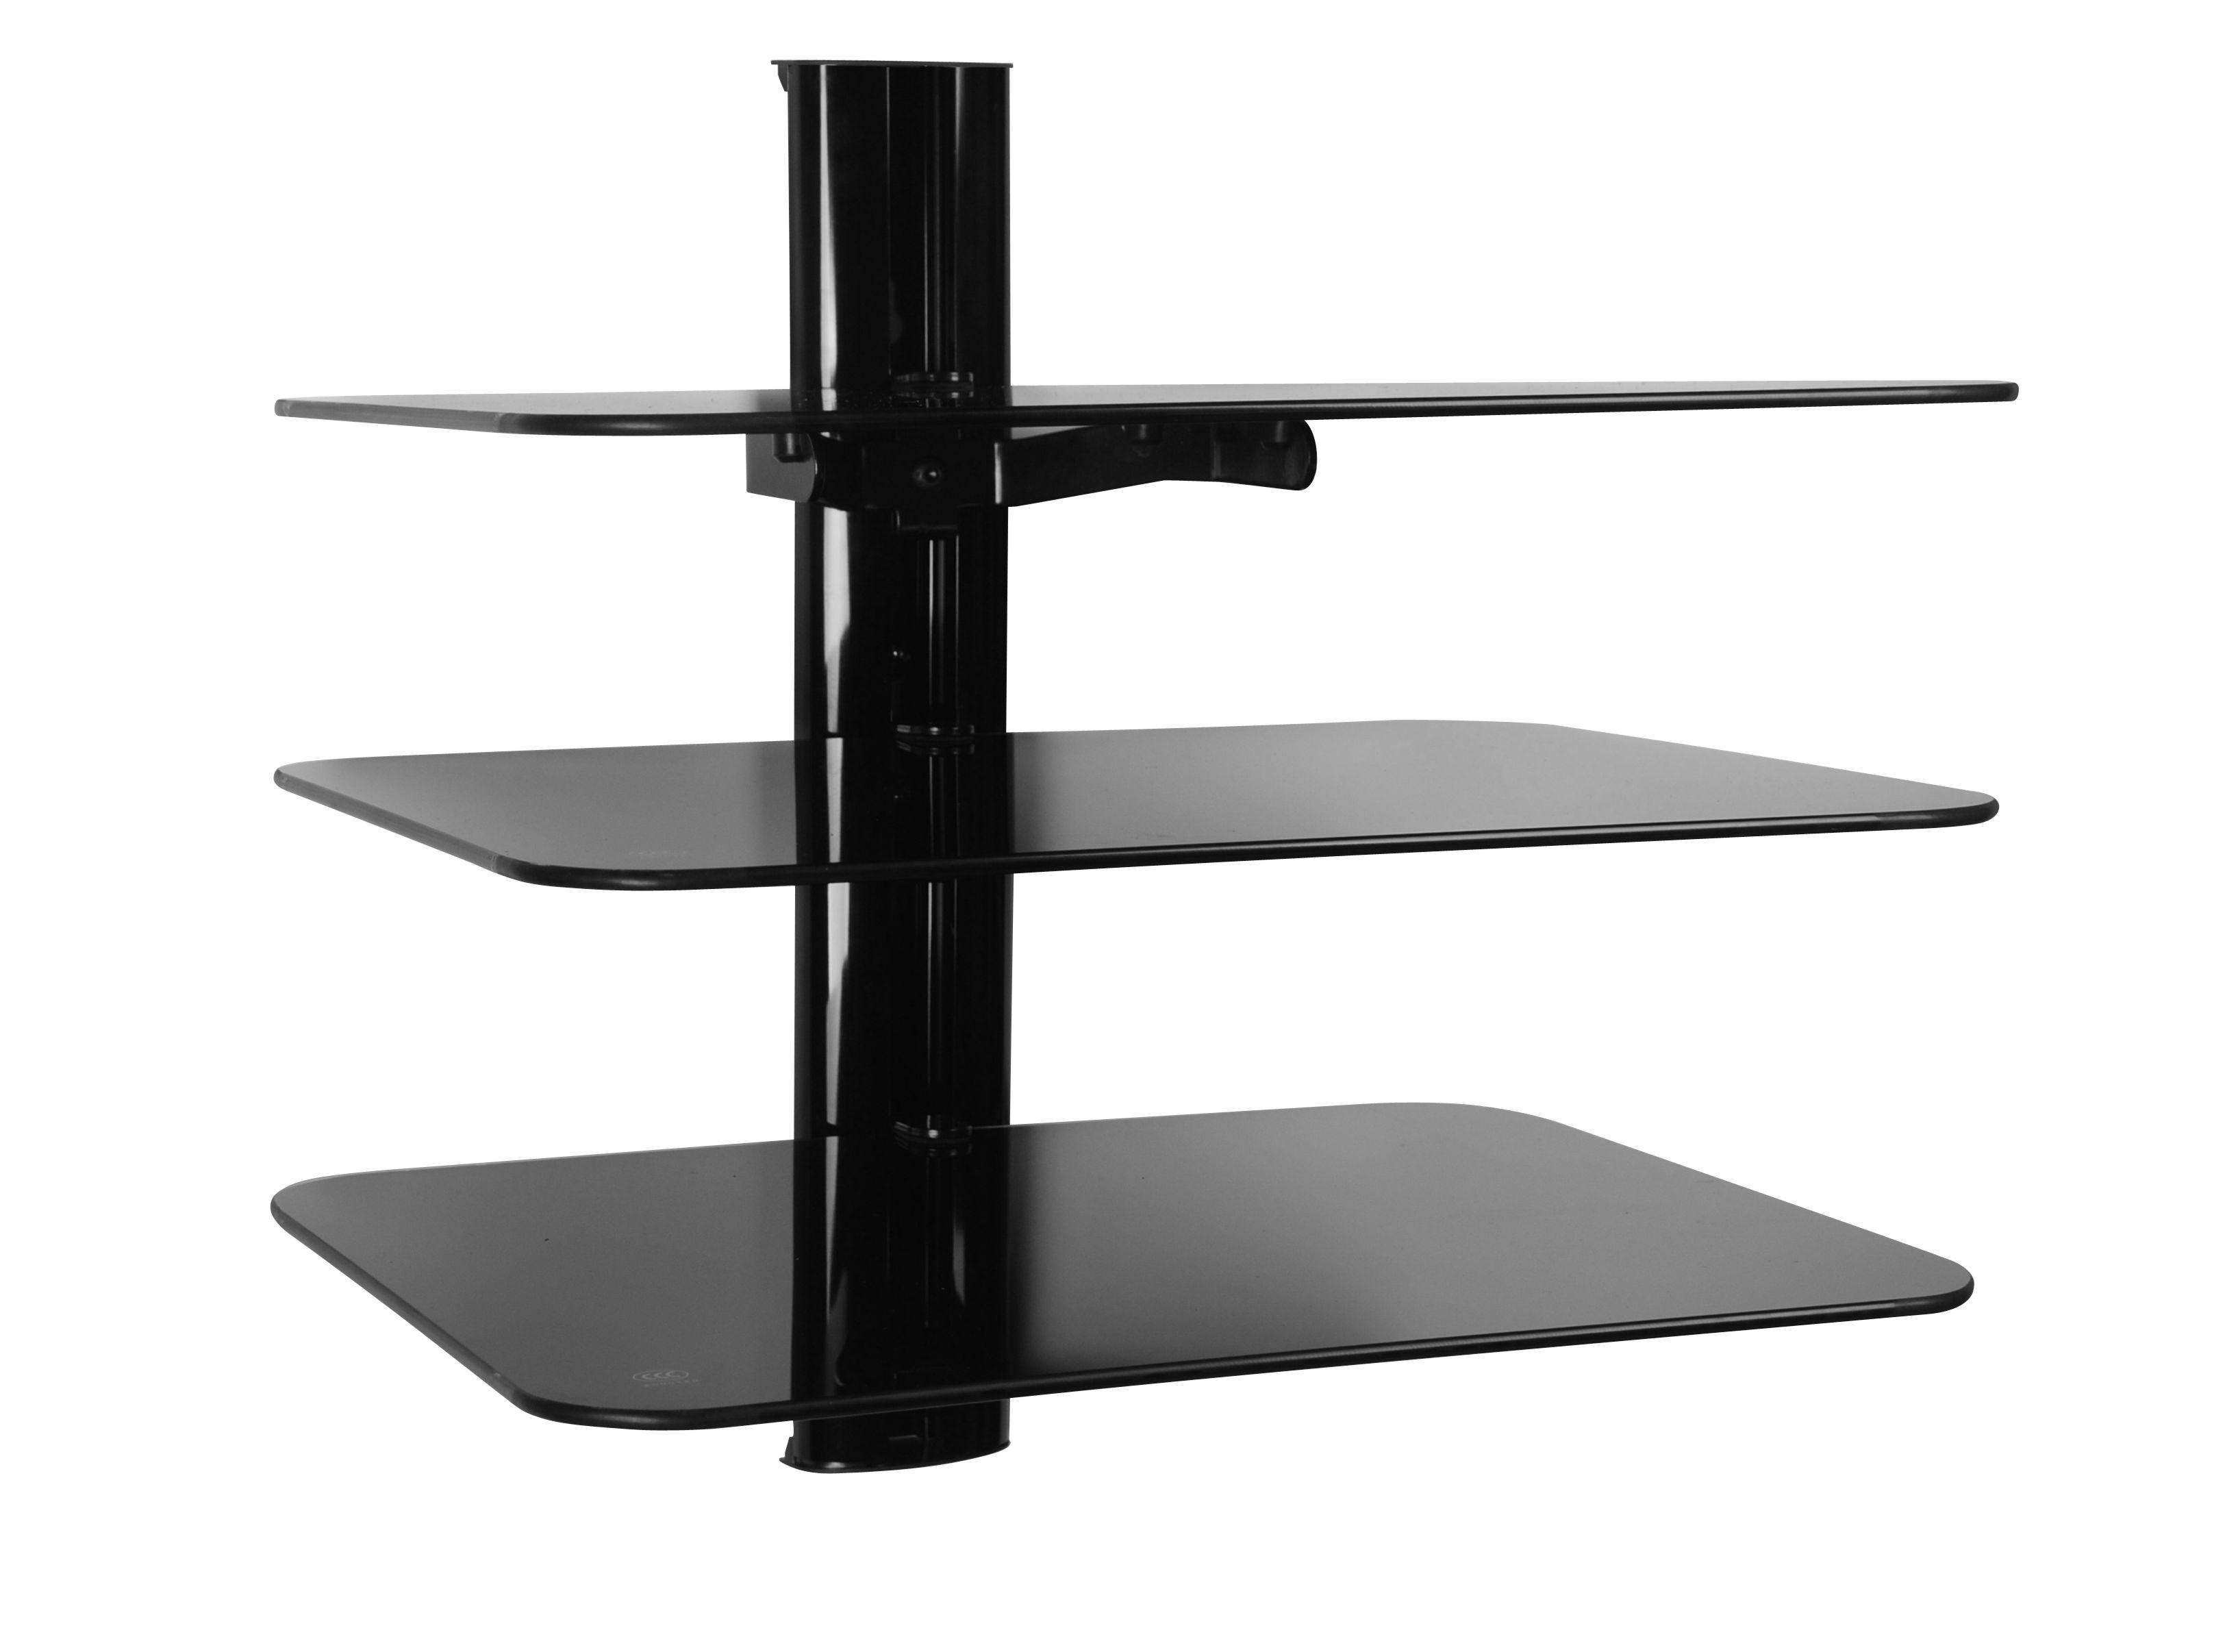 Floating Black Glass Shelves Gc810 Home Shelves For Floating Black Glass Shelves (View 7 of 15)